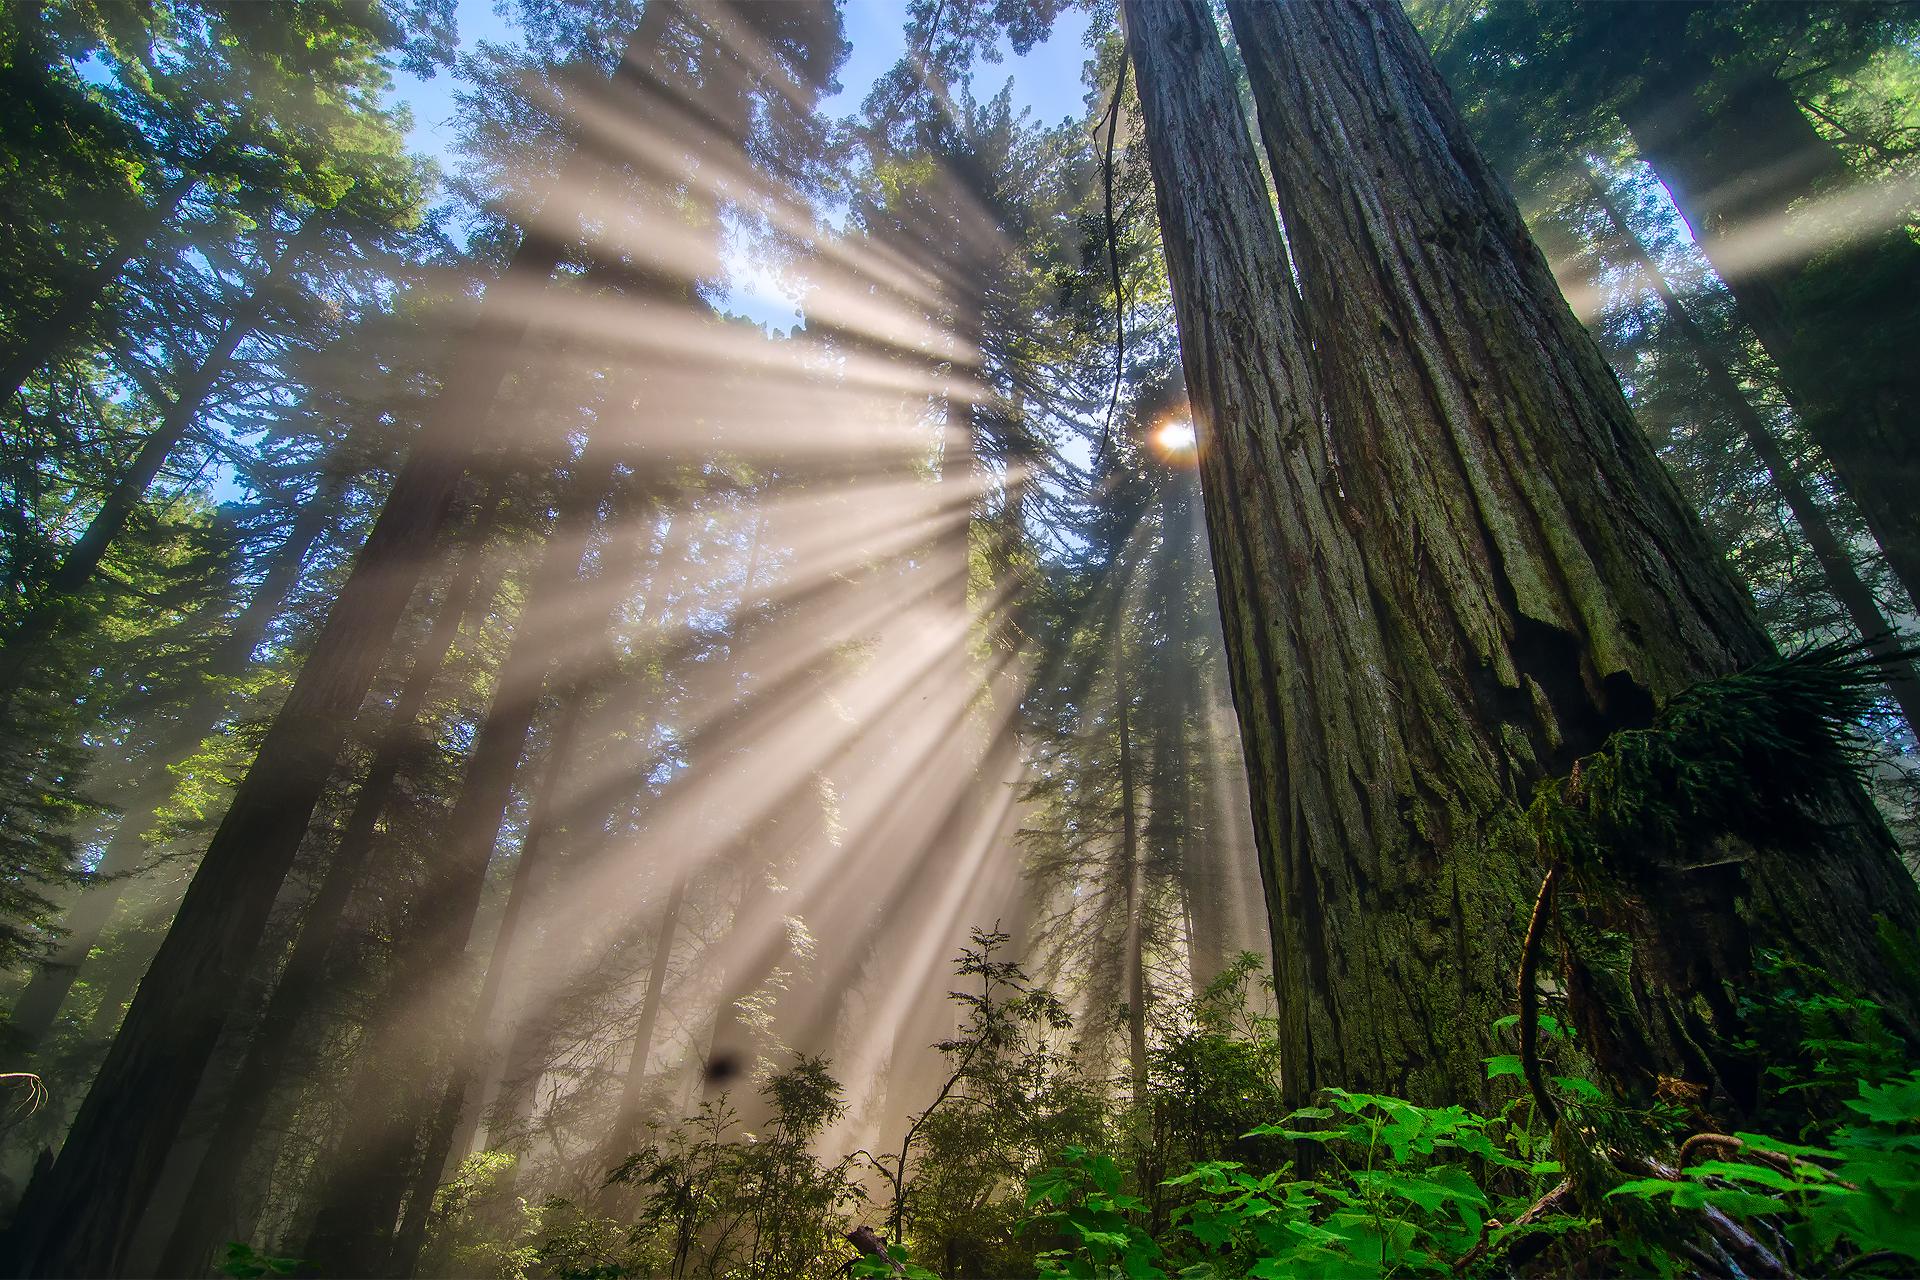 природного изумруда как сфотографировать лучи света часто пропитывают сметанным